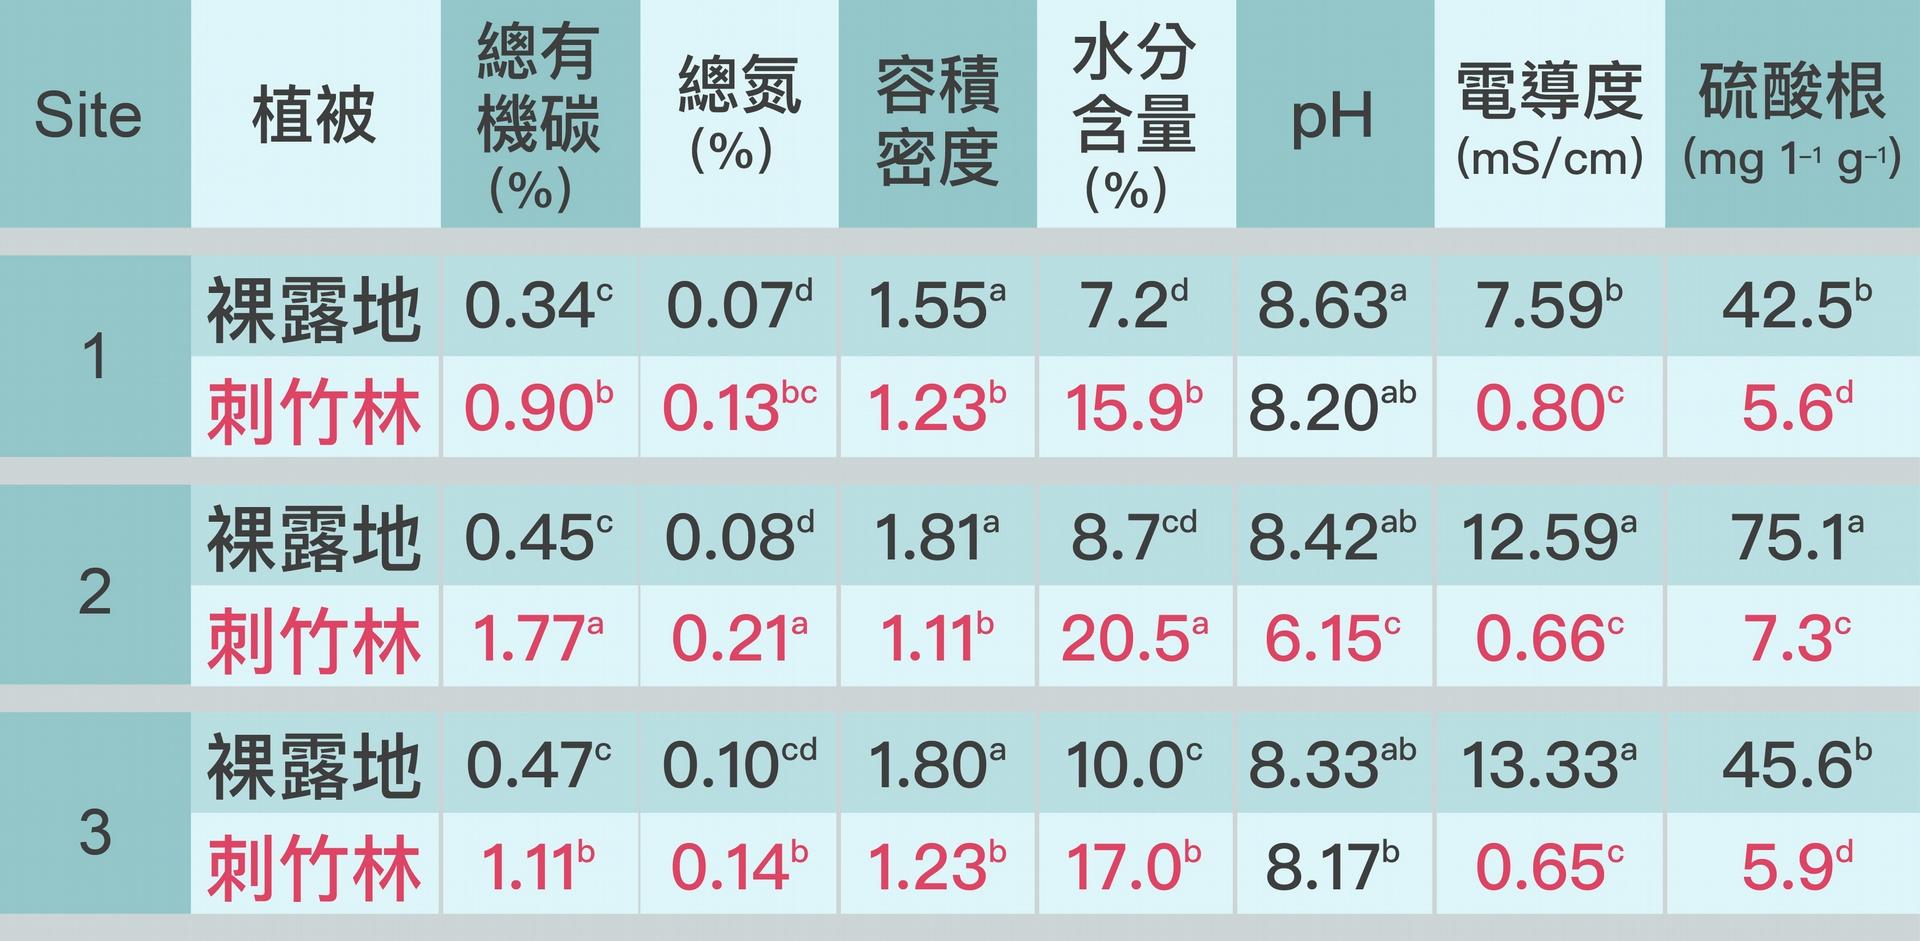 """刺竹林可累積土壤有機態的碳、氮、增加土壤孔隙、減低電導度,有效改善土壤物理化學性質。資料來源│Shiau, Y.-J., Wang, H.-C., Chen, T.-H., Jien, S.-H., Tian, G., and Chiu, C.-Y.*, 2017, """"Improvement in the biochemical and chemical properties of badland soils by thorny bamboo"""", Scientific Reports, 7, 40561. 圖說重製│廖英凱、張語辰"""